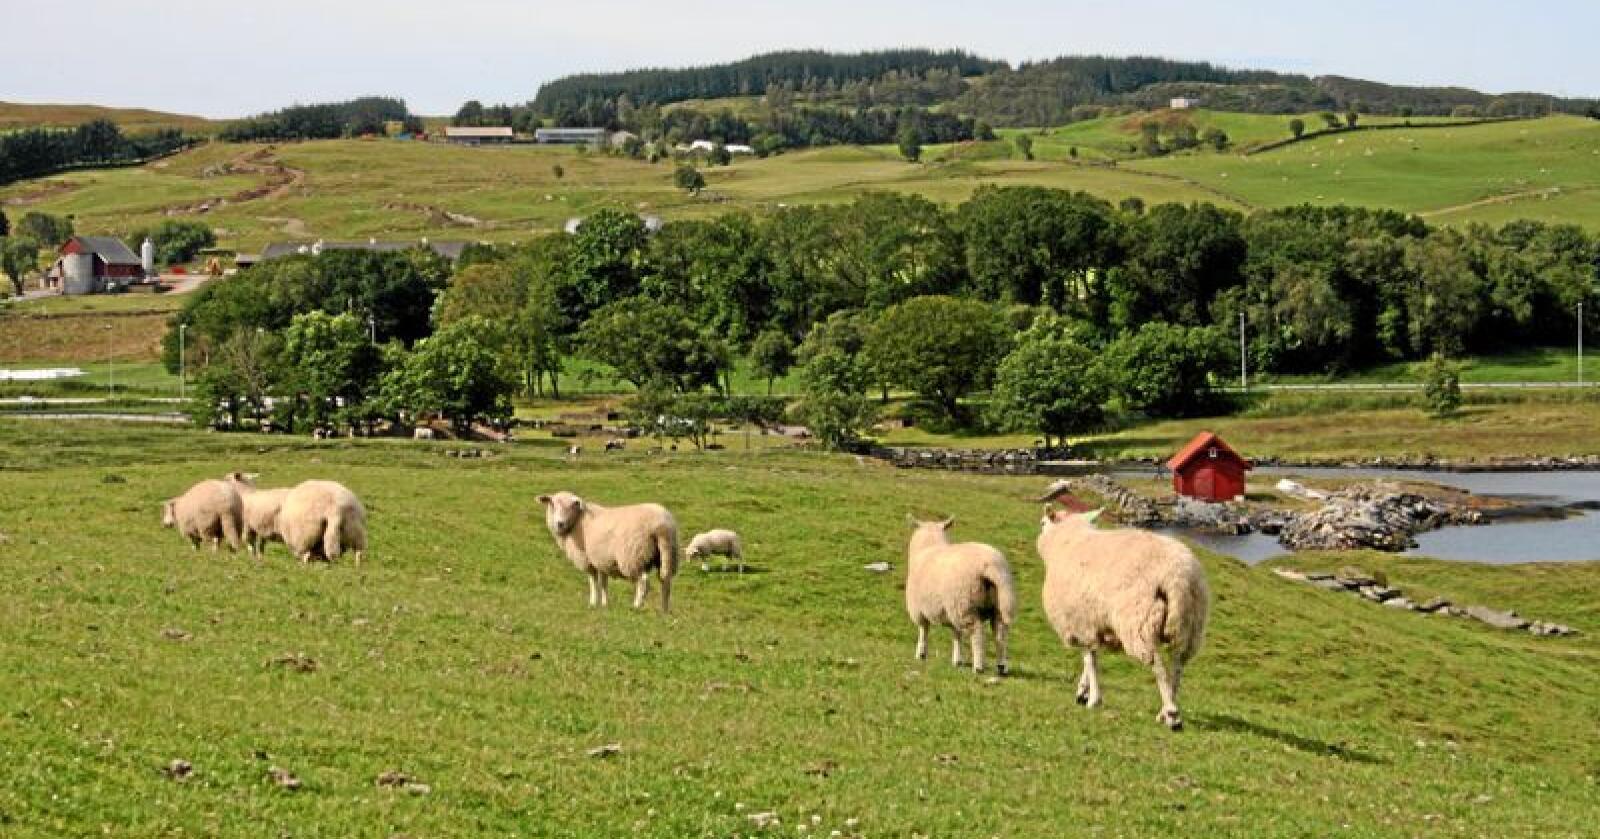 Overskot: Ved inngangen til årets slaktesesong har Nortura nær 600 tonn lammekjøtt på lager, noko som er over tre gonger meir enn i fjor. Her frå Rennesøy i Rogaland. Foto: Bjarne Bekkeheien Aase